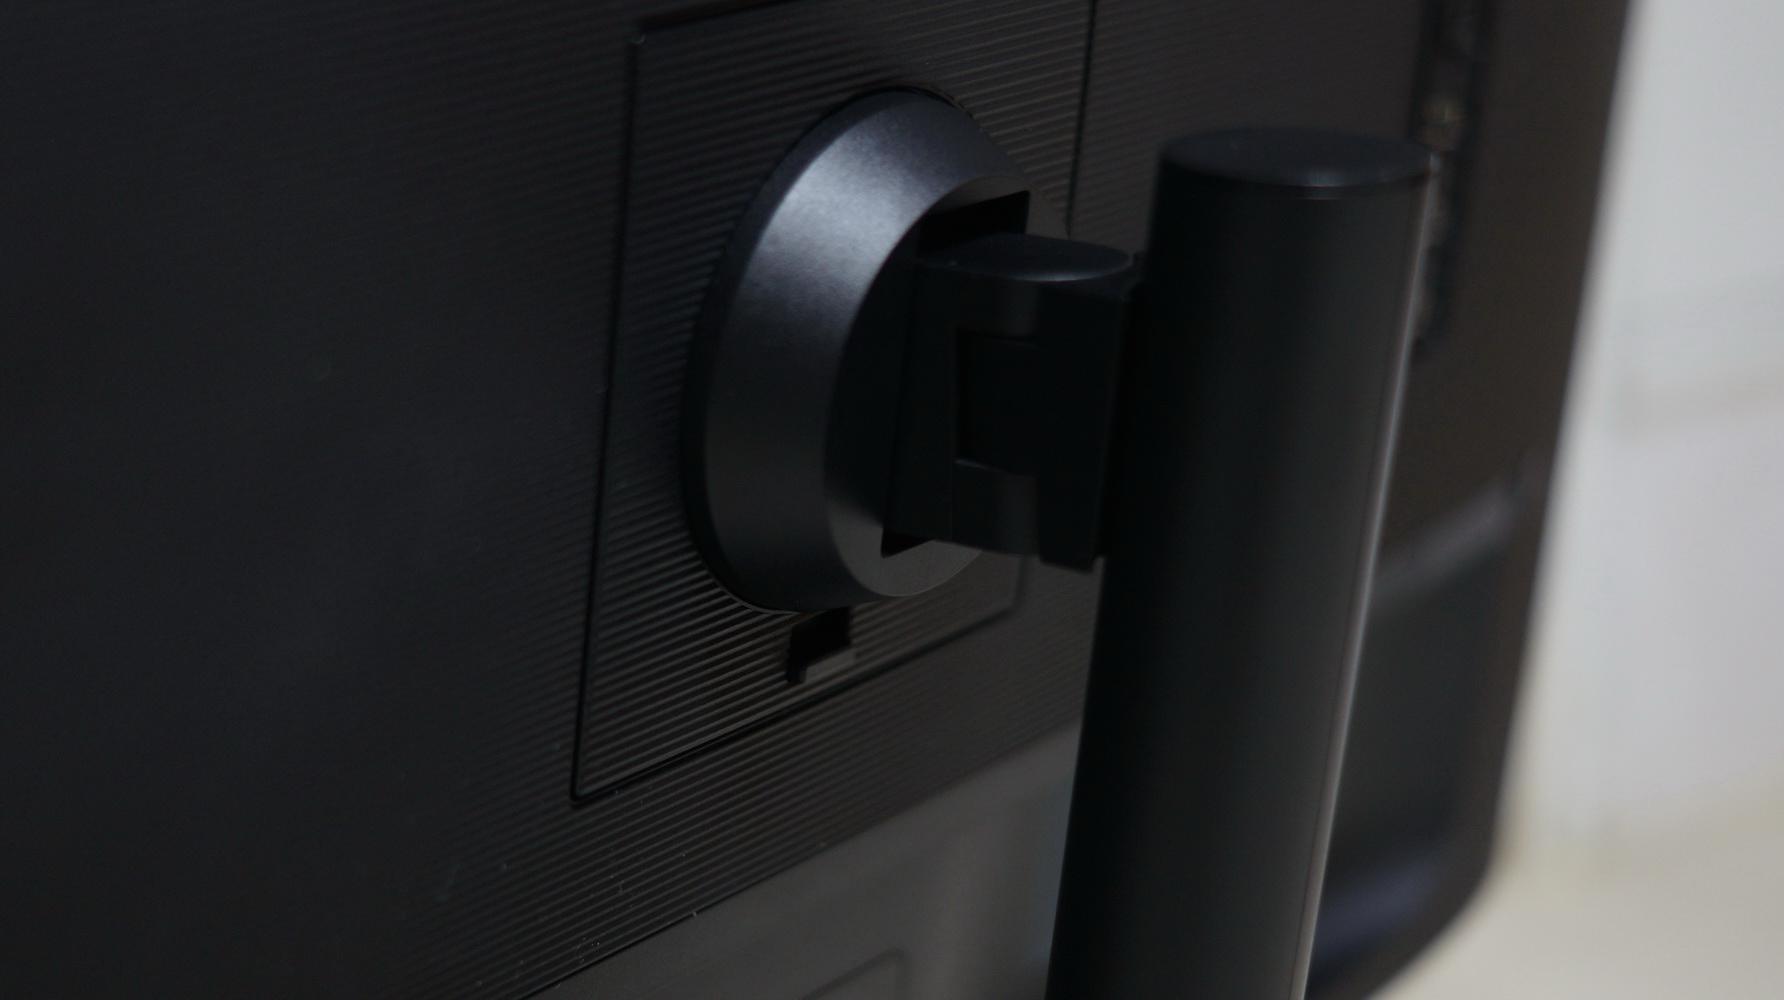 삼성 32인치모니터 QHD모니터 S32A604N 리뷰 사진 8